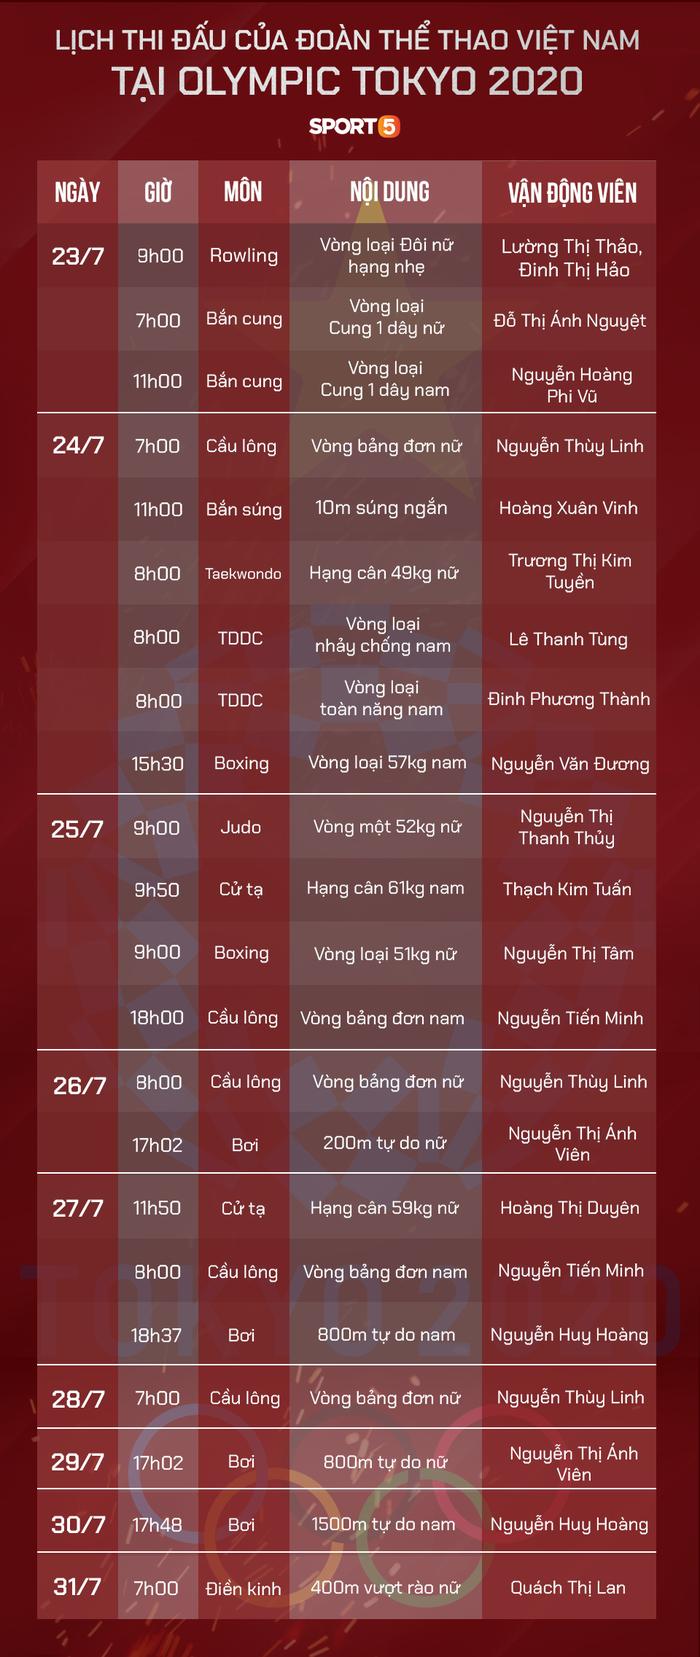 Lịch thi đấu của Đoàn thể thao Việt Nam ở Olympic Tokyo 2020 (Ảnh: GN)